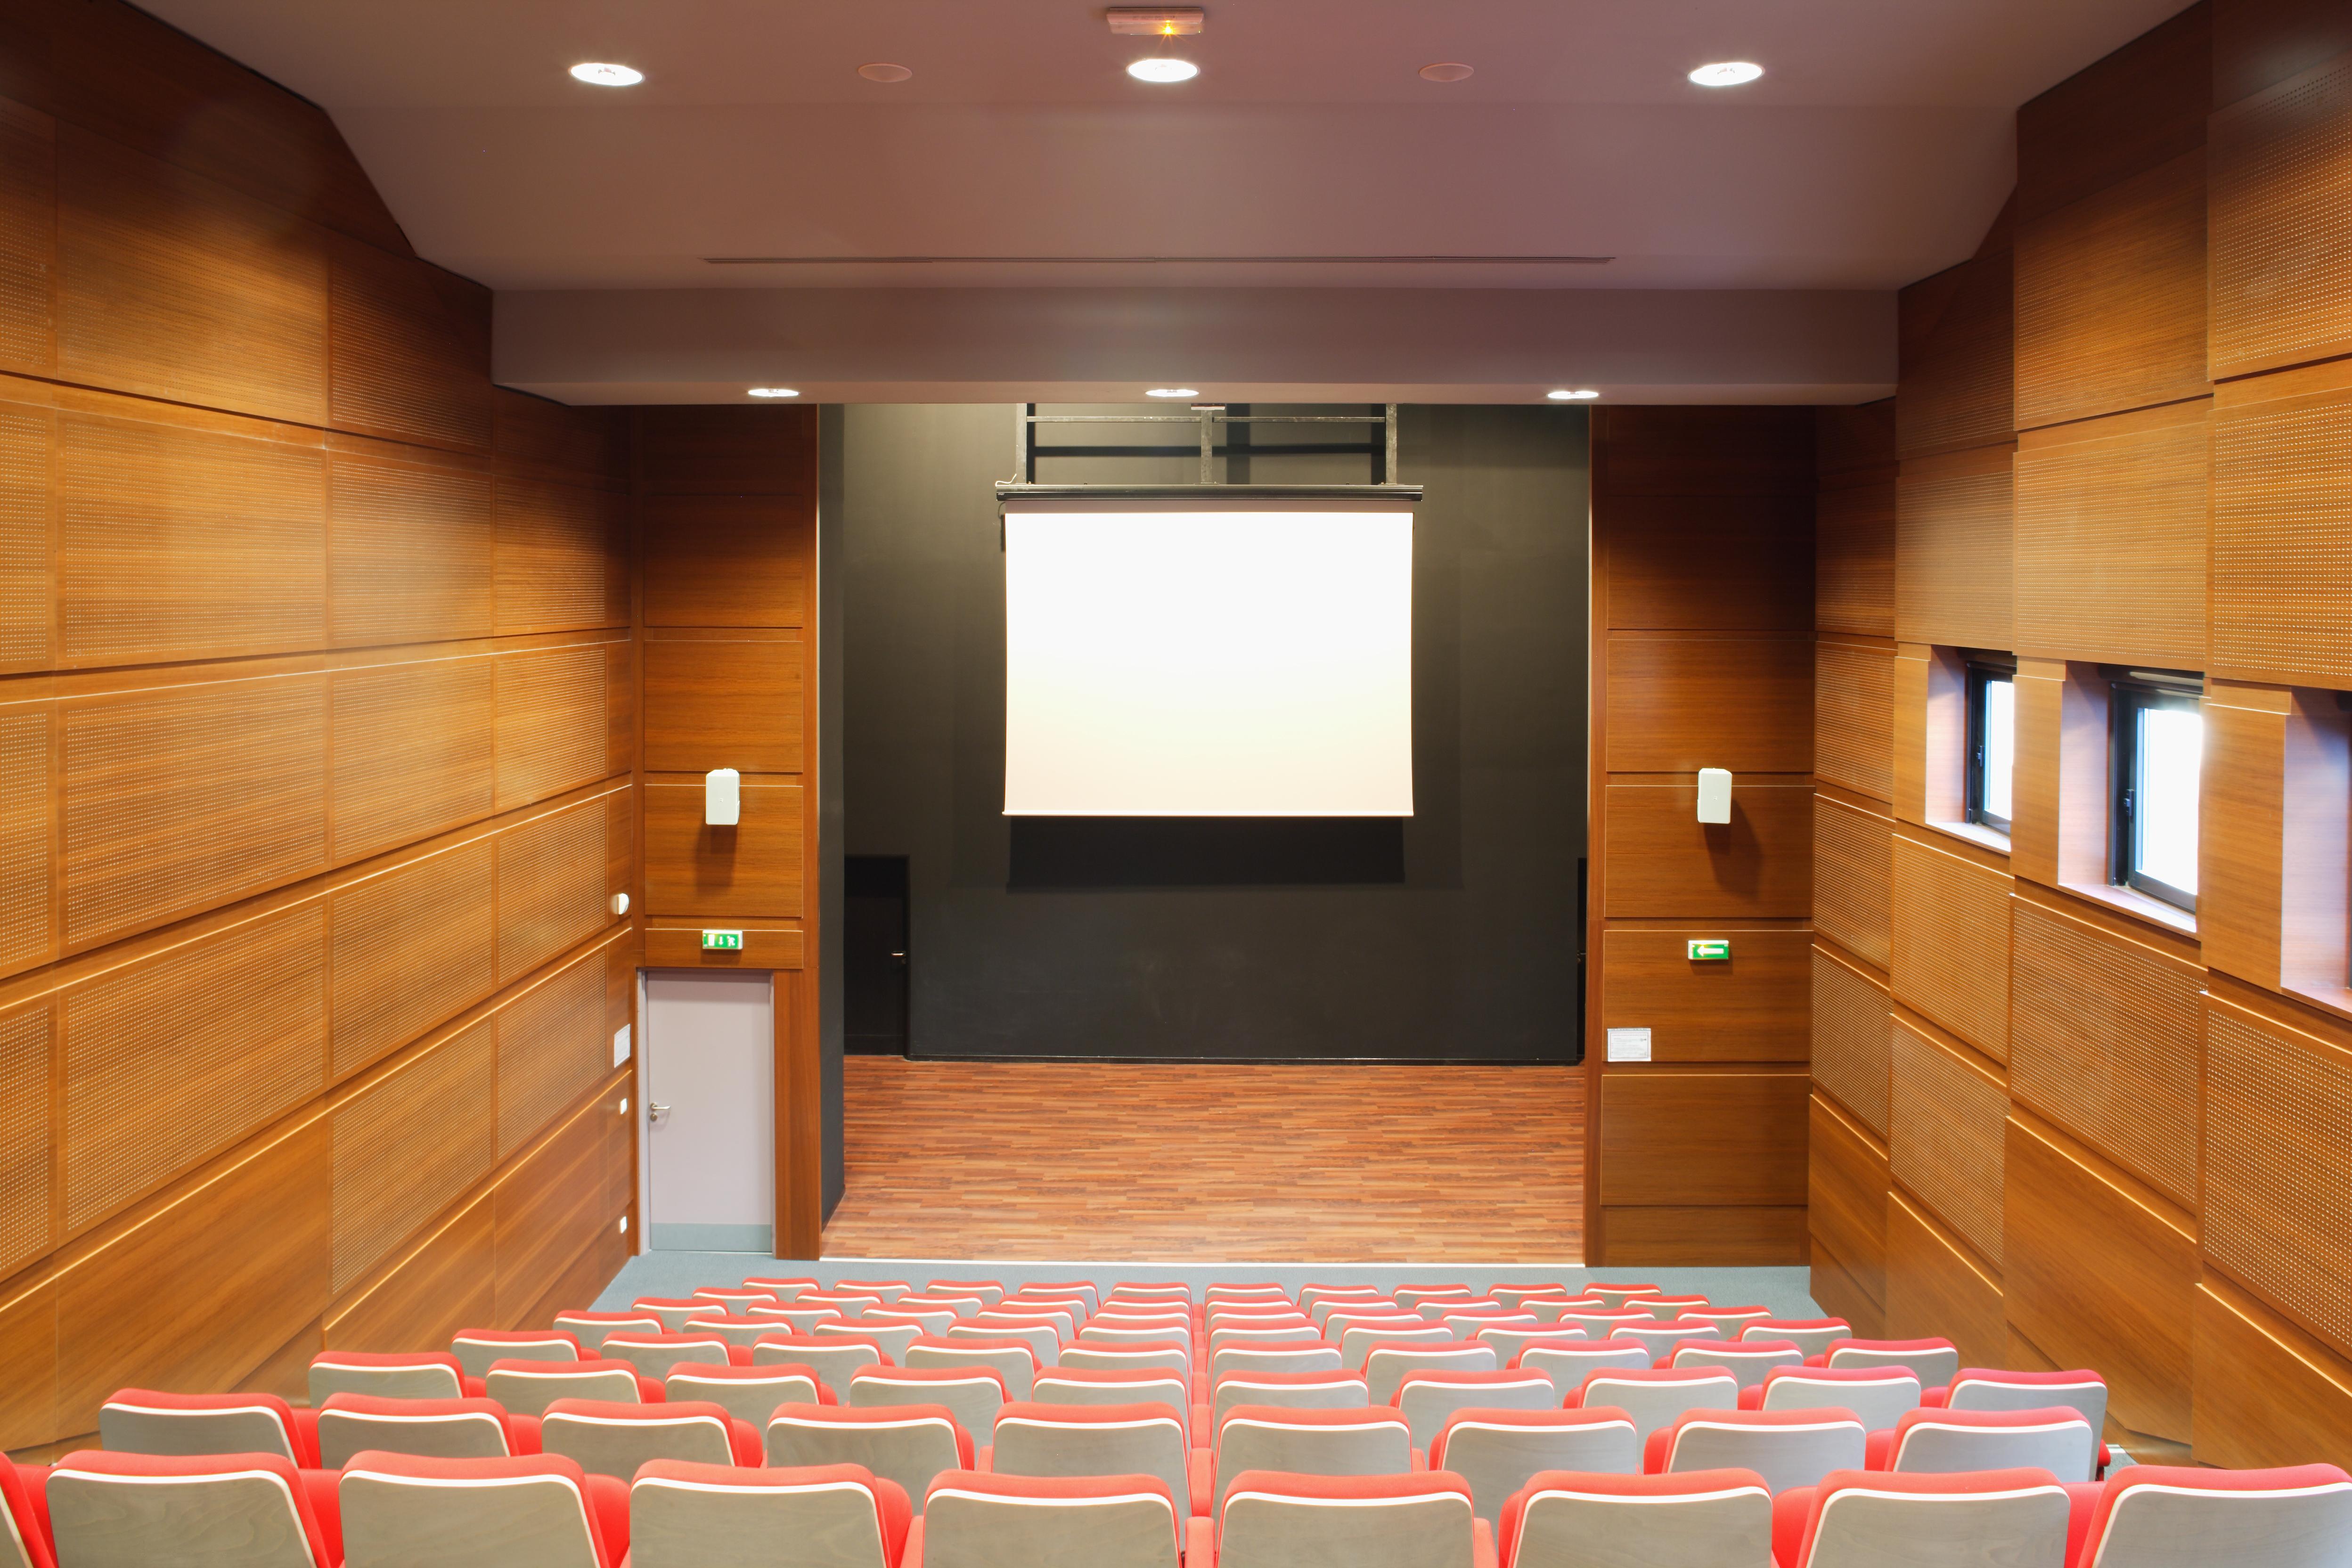 Salle de cinéma du Collège Paul Eluard